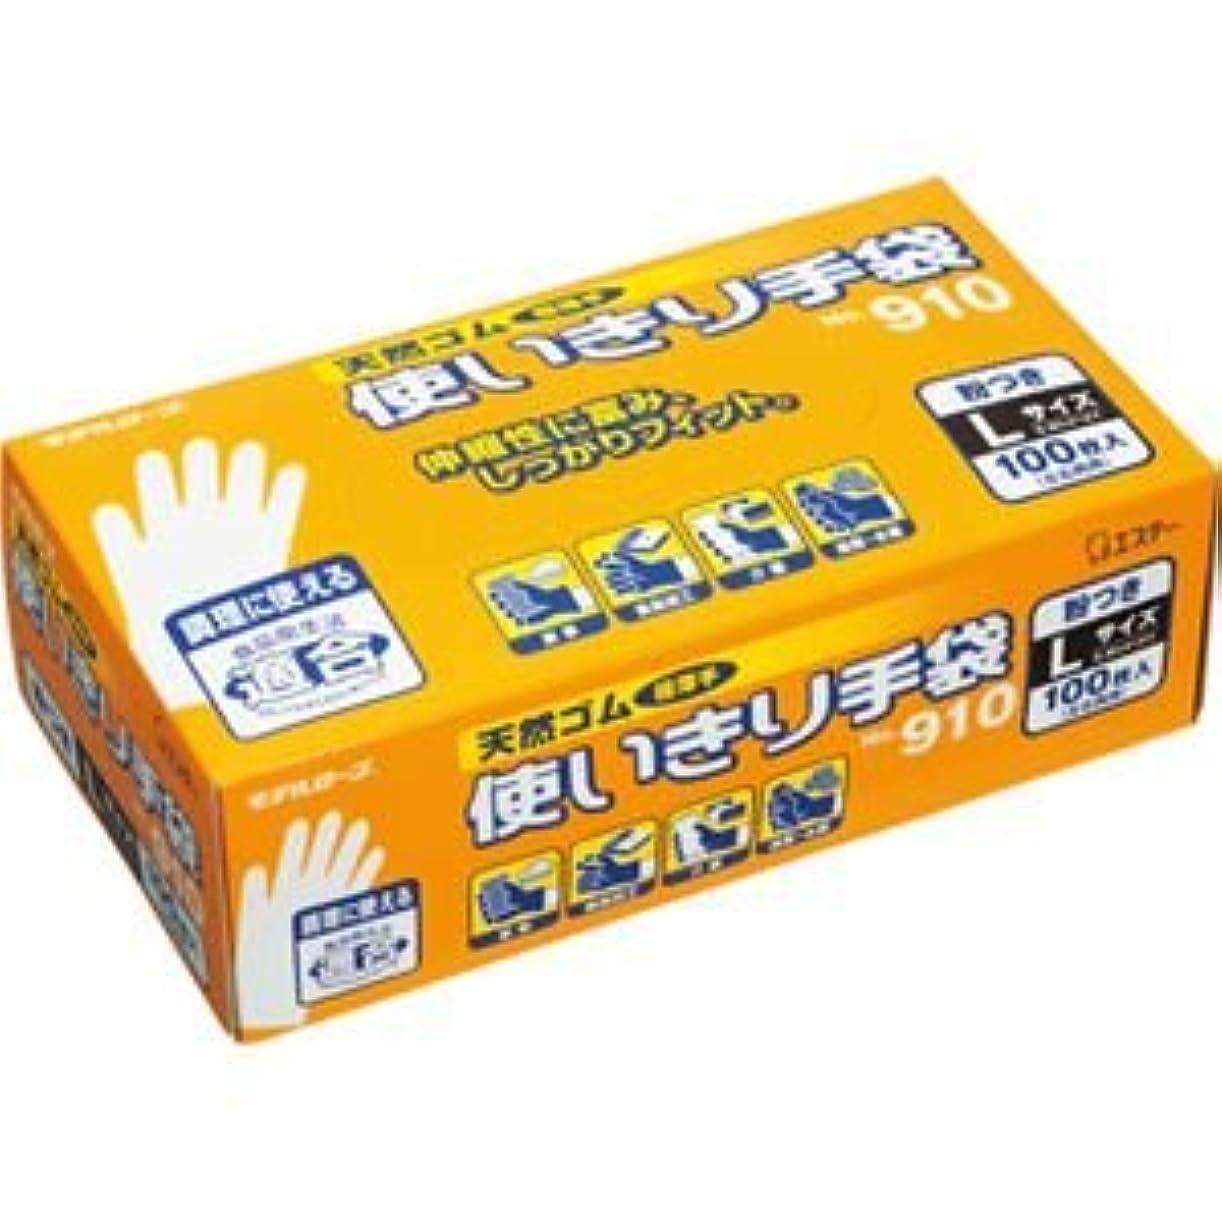 ヤギ反対にチャップ(まとめ) エステー No.910 天然ゴム使いきり手袋(粉付) L 1箱(100枚) 【×5セット